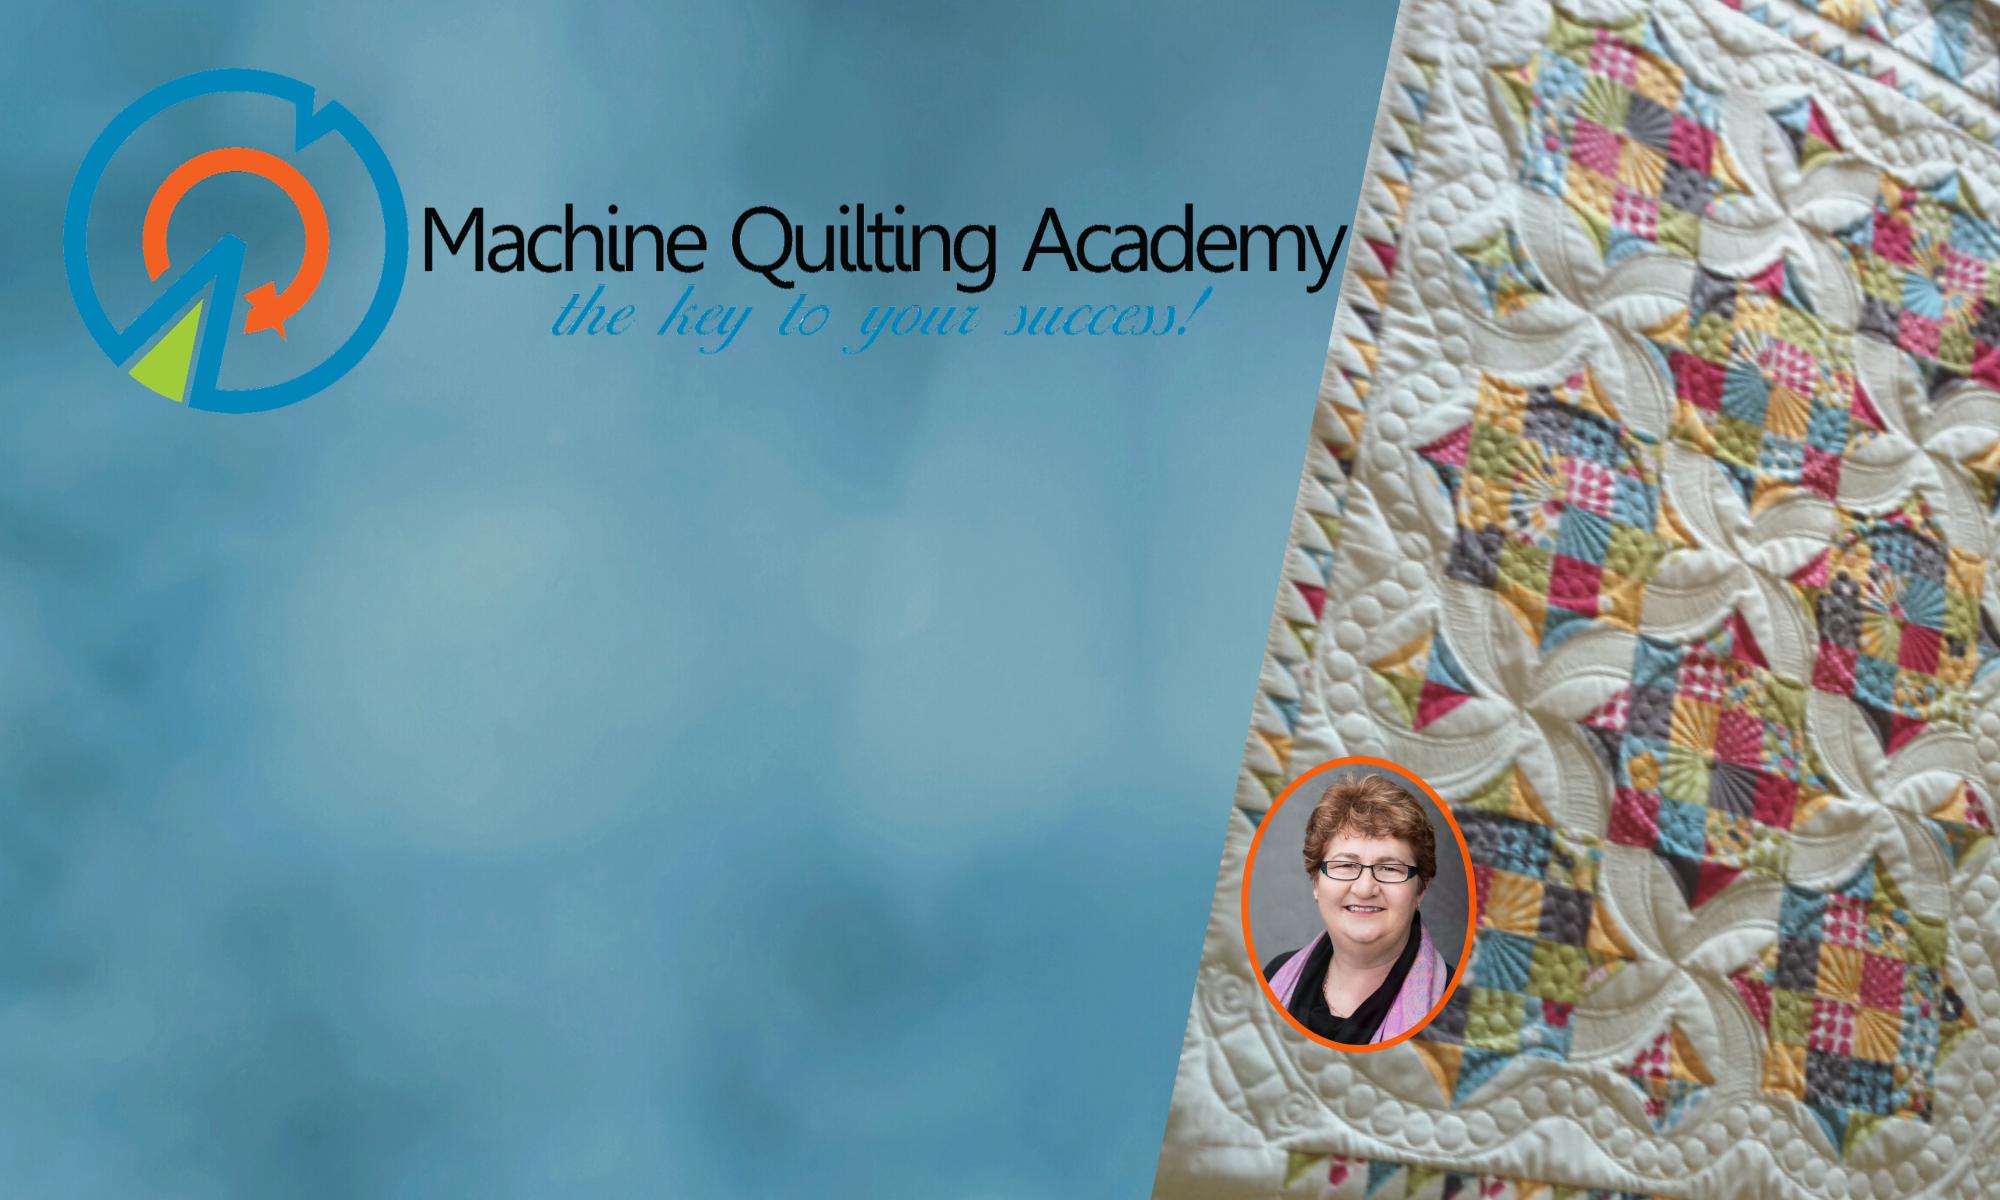 Machine Quilting Academy